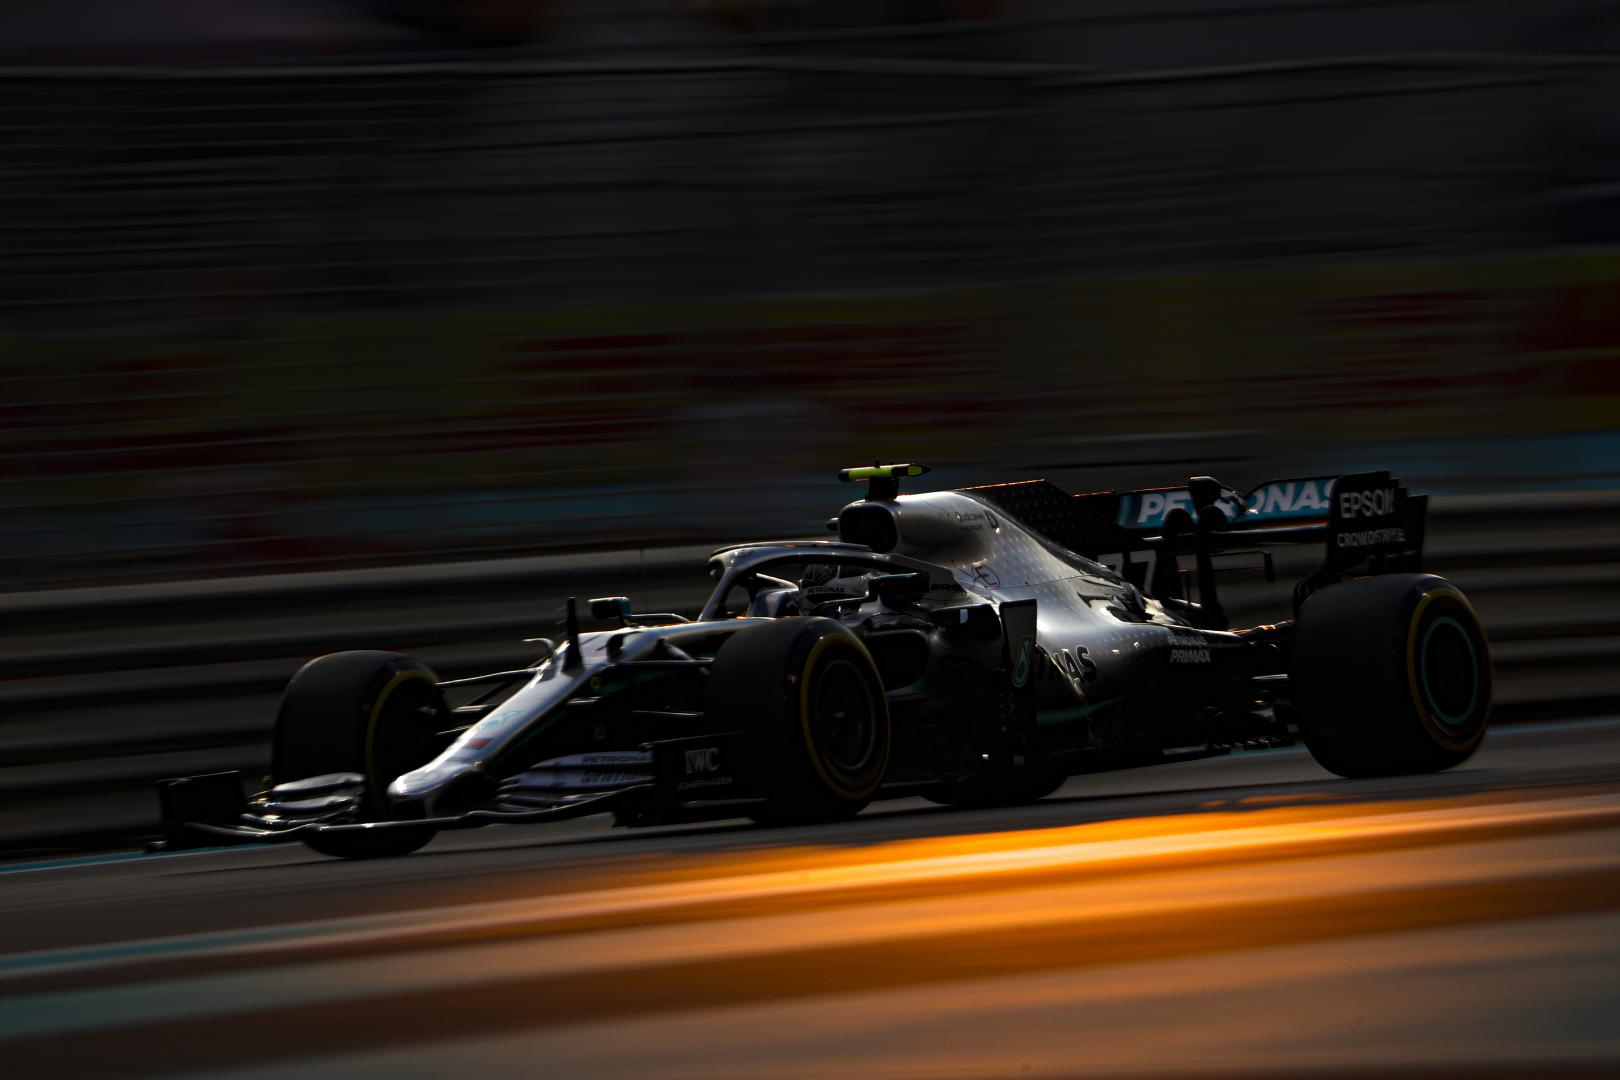 Valtteri Bottas 3 4 rijder voor GP van Abu Dhabi 2019